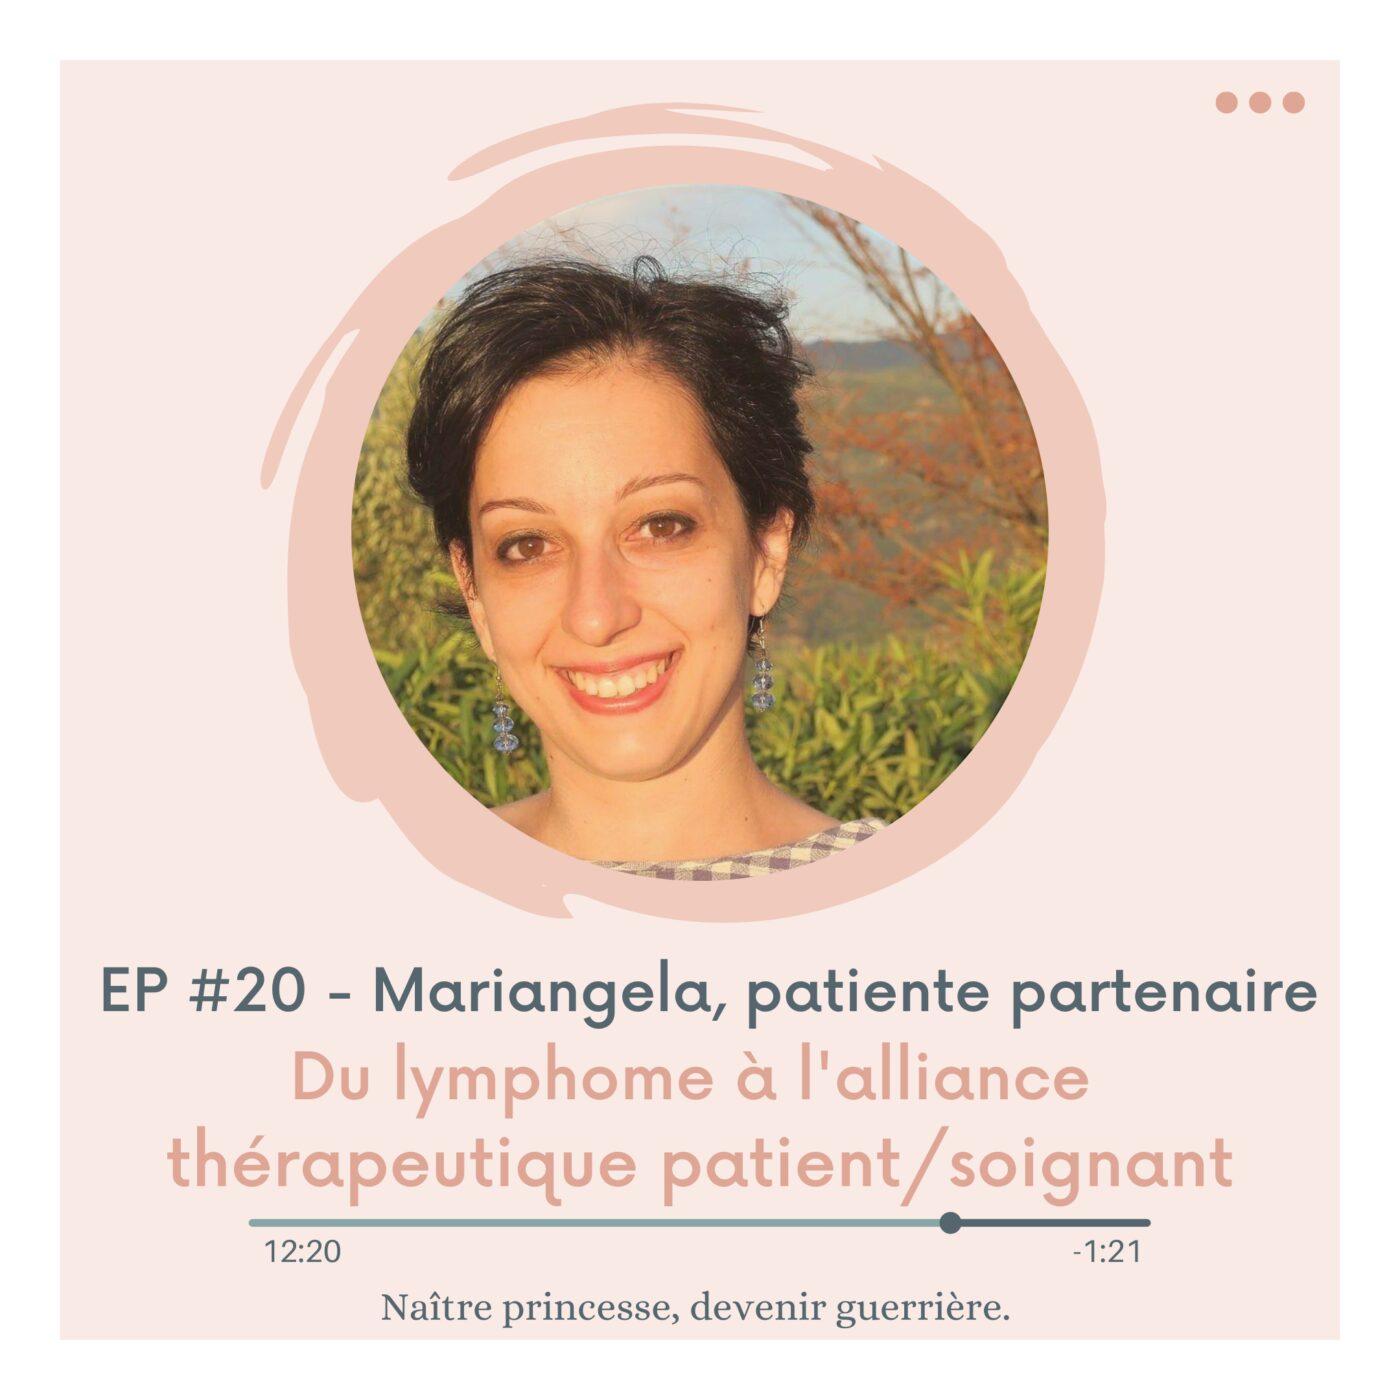 EP#20 - DU LYMPHOME À L'ALLIANCE THÉRAPEUTIQUE PATIENT/SOIGNANT. Mariangela, patiente partenaire.